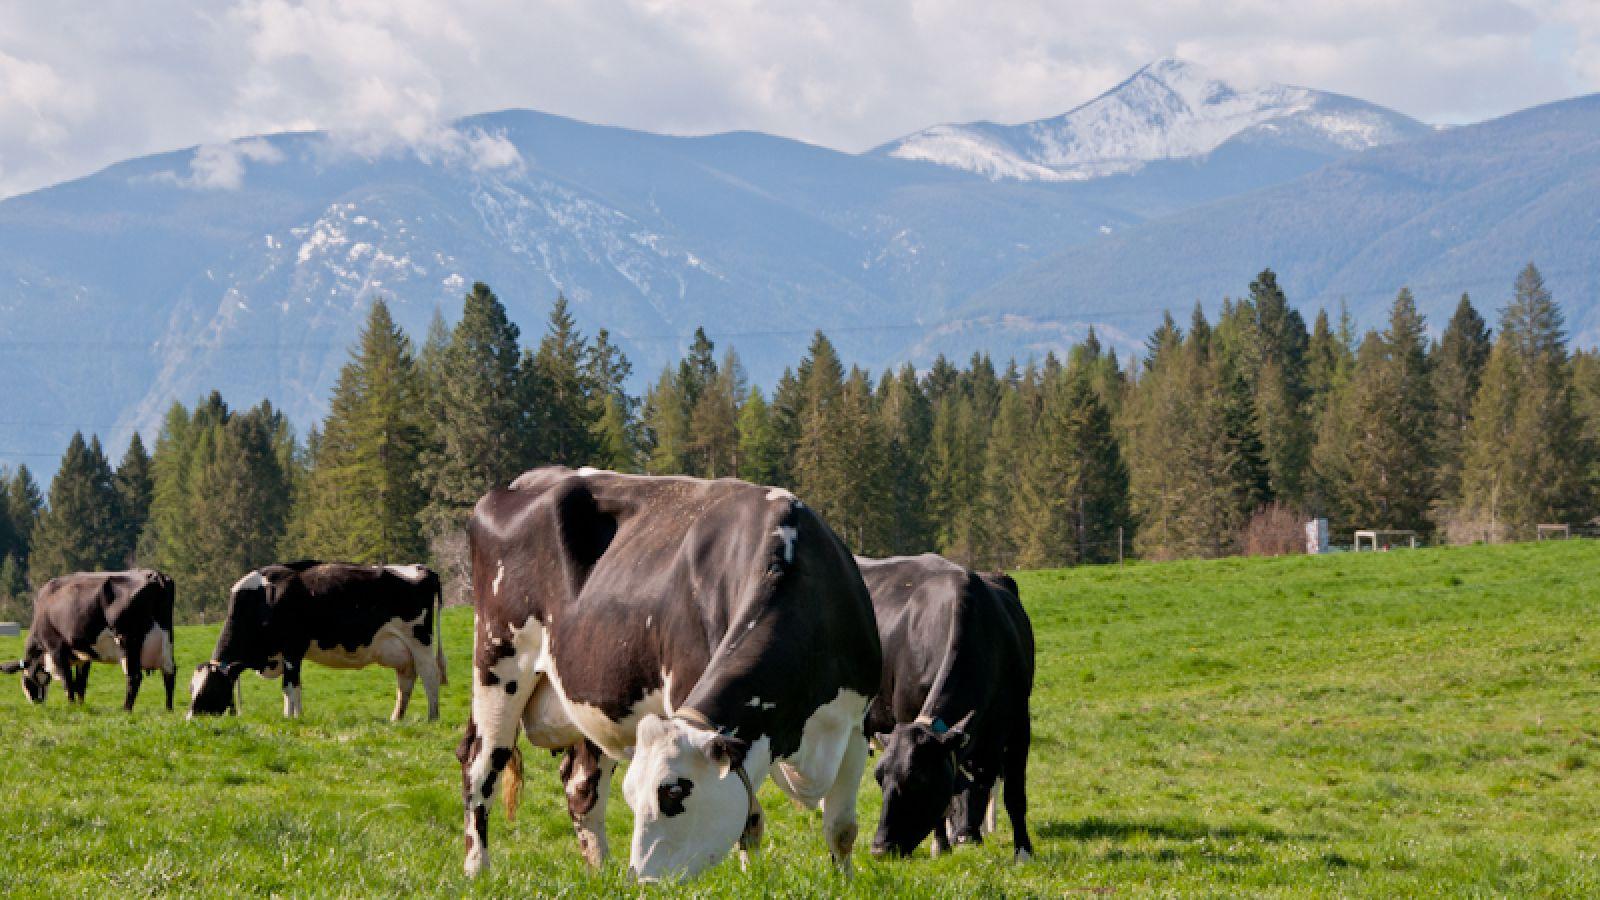 Meet the cows.